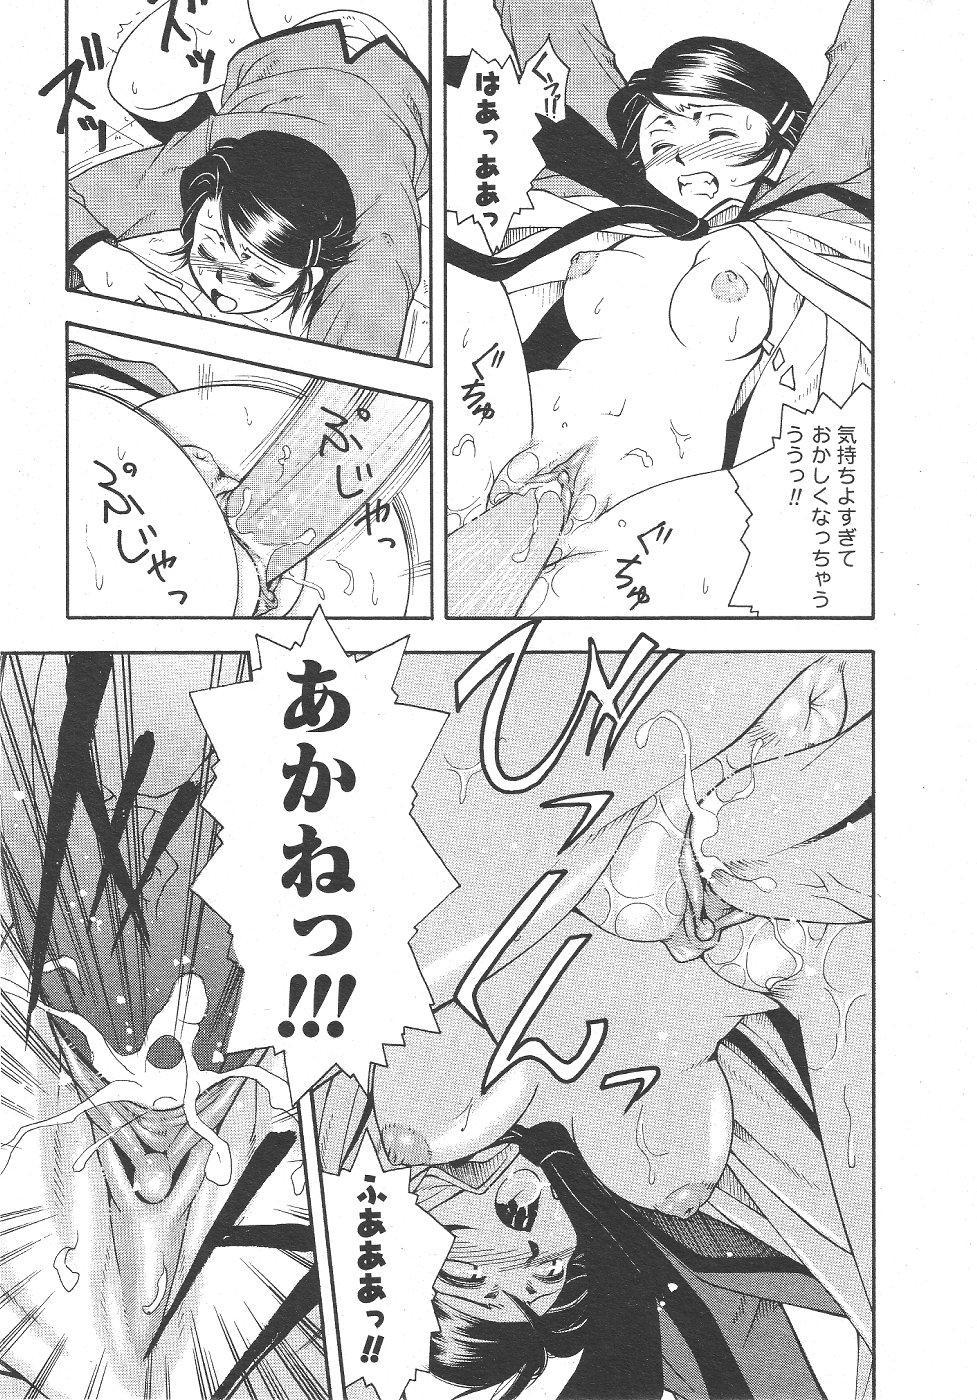 Gekkan Comic Muga 2004-06 Vol.10 28